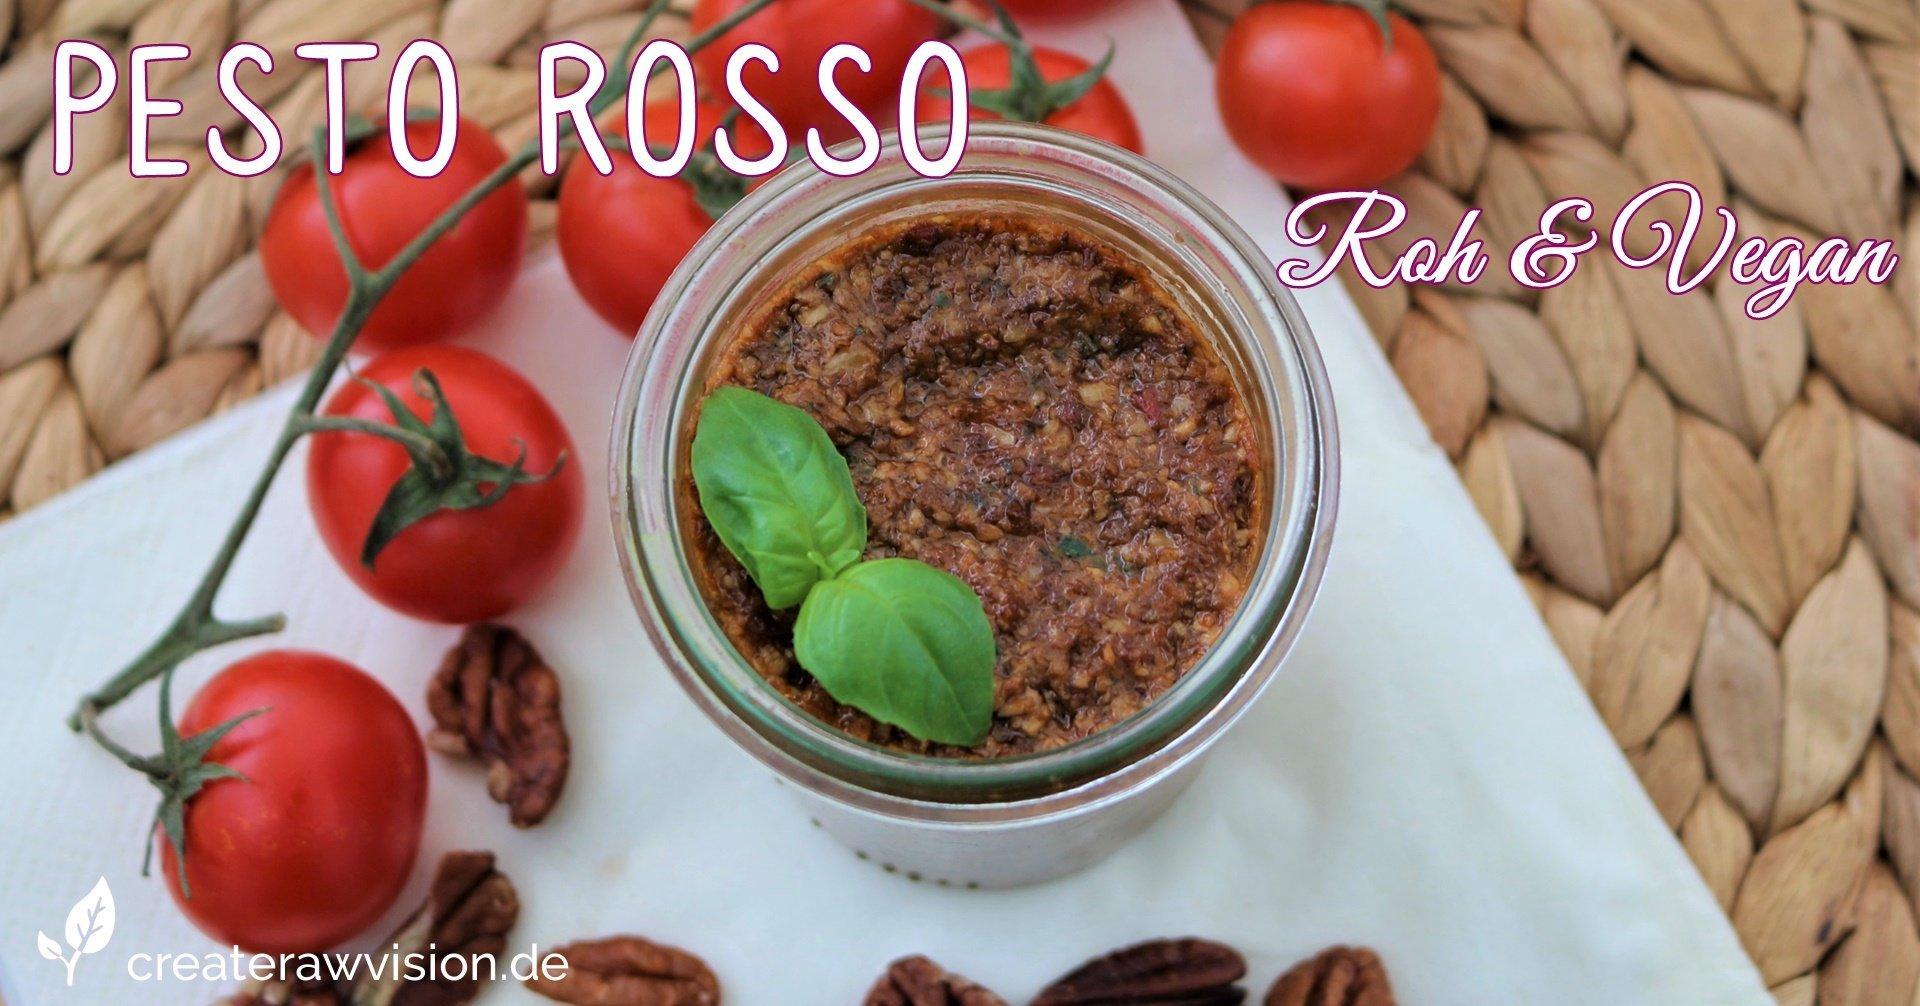 Spaghetti Rosso Roh & Vegan